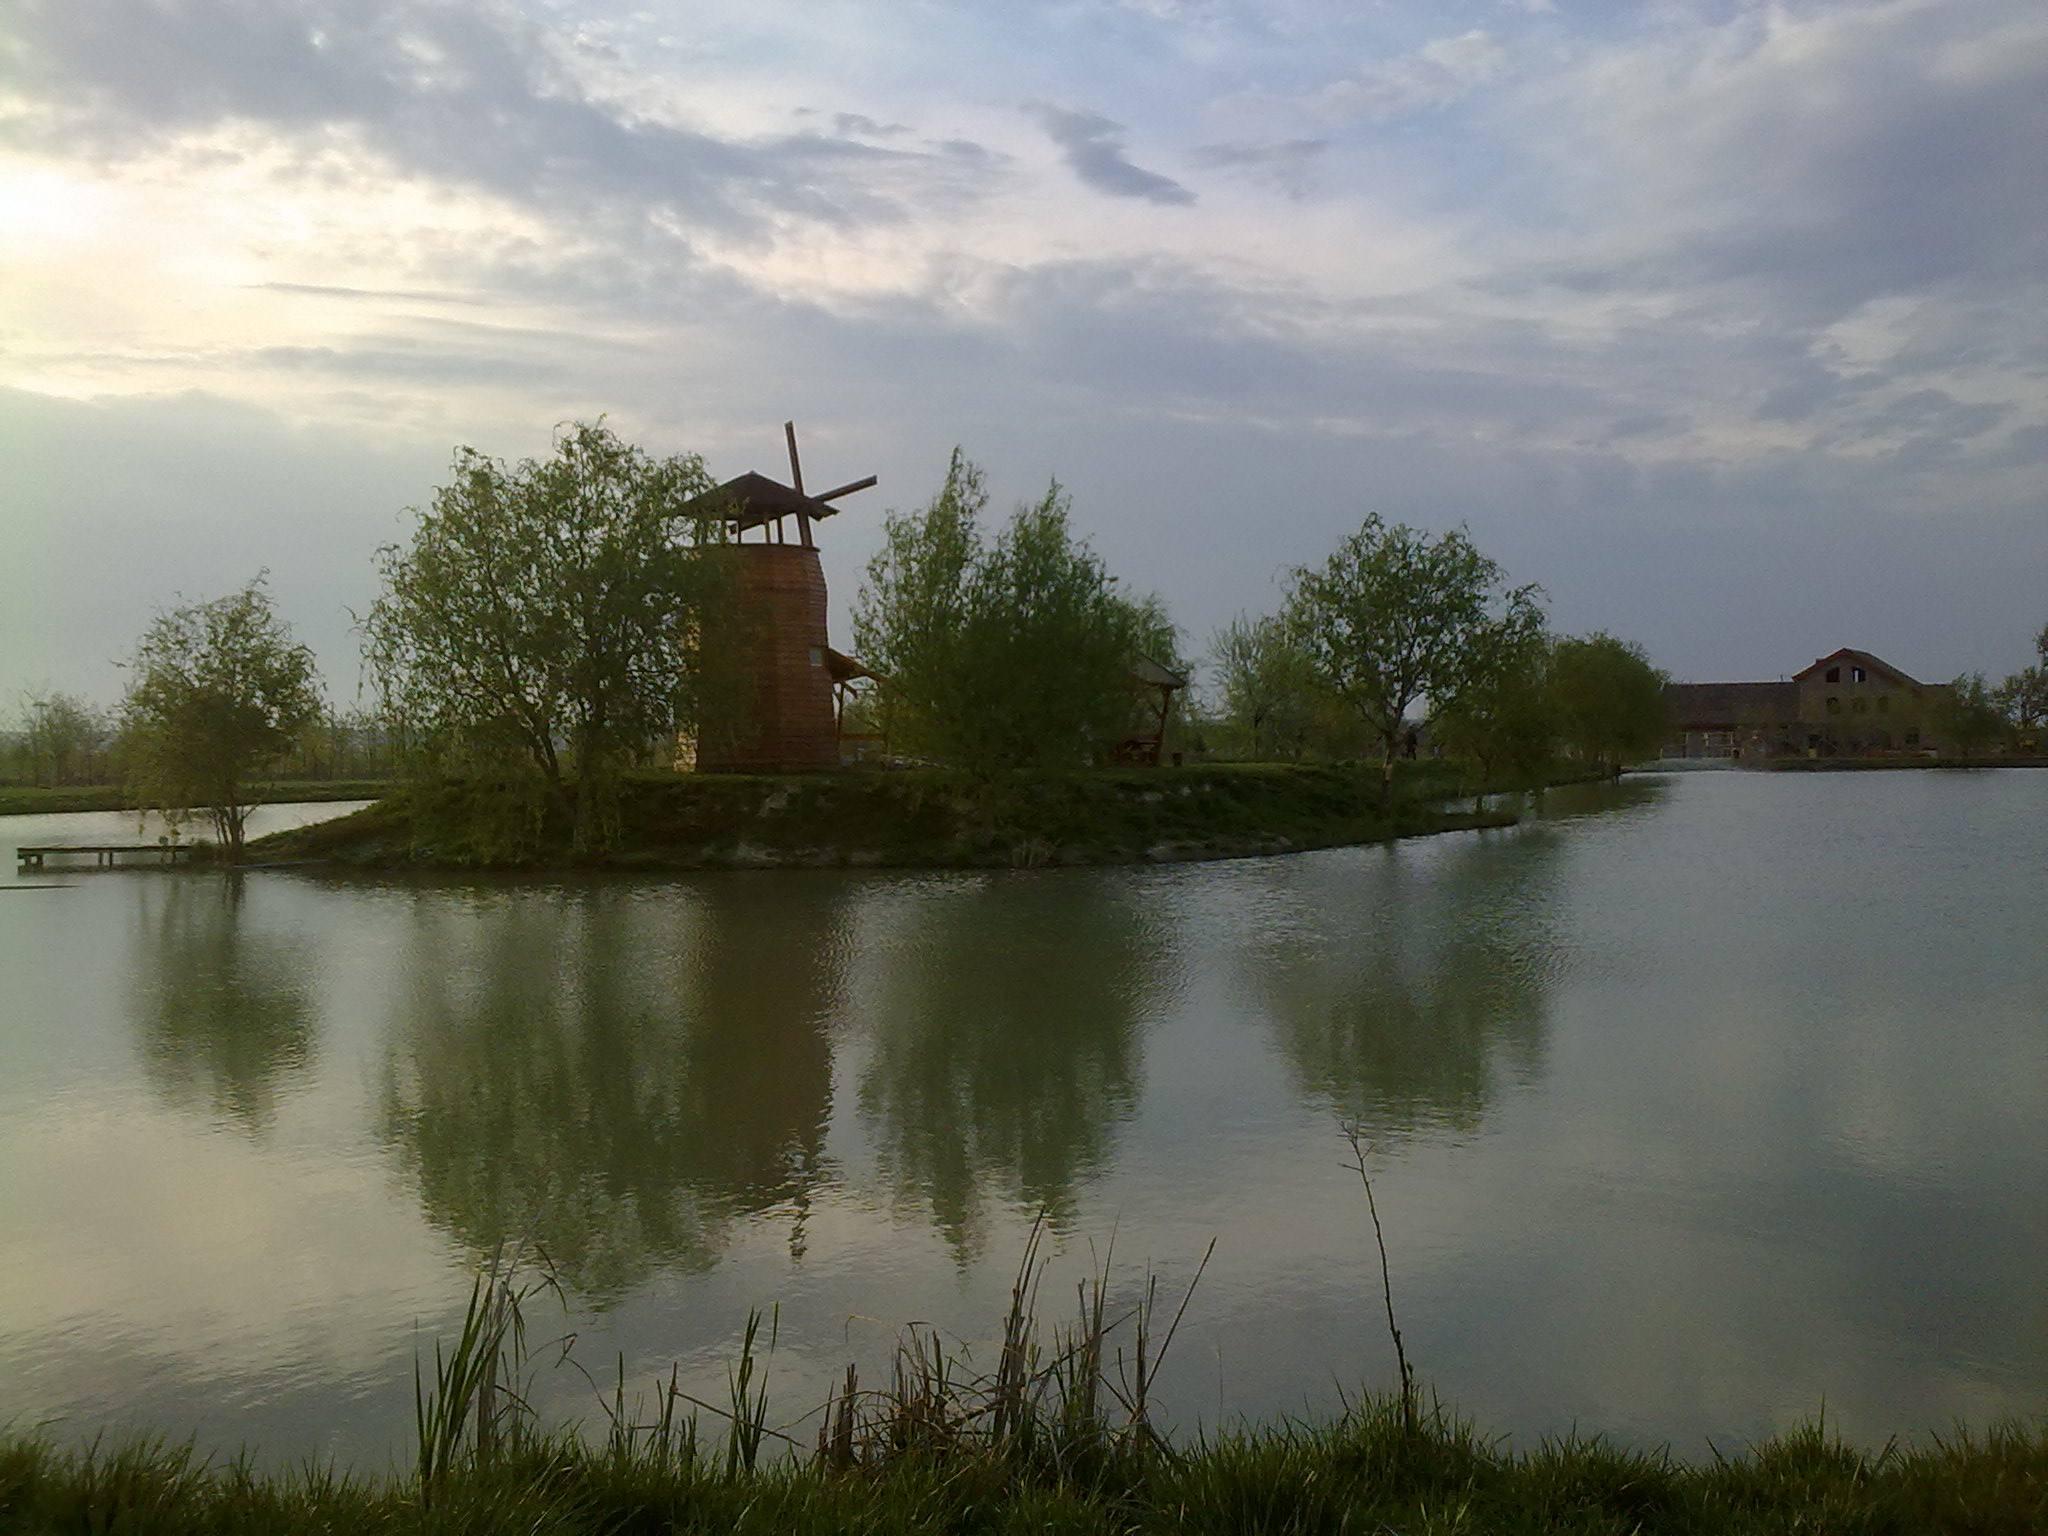 komercijalno jezero vojvodina